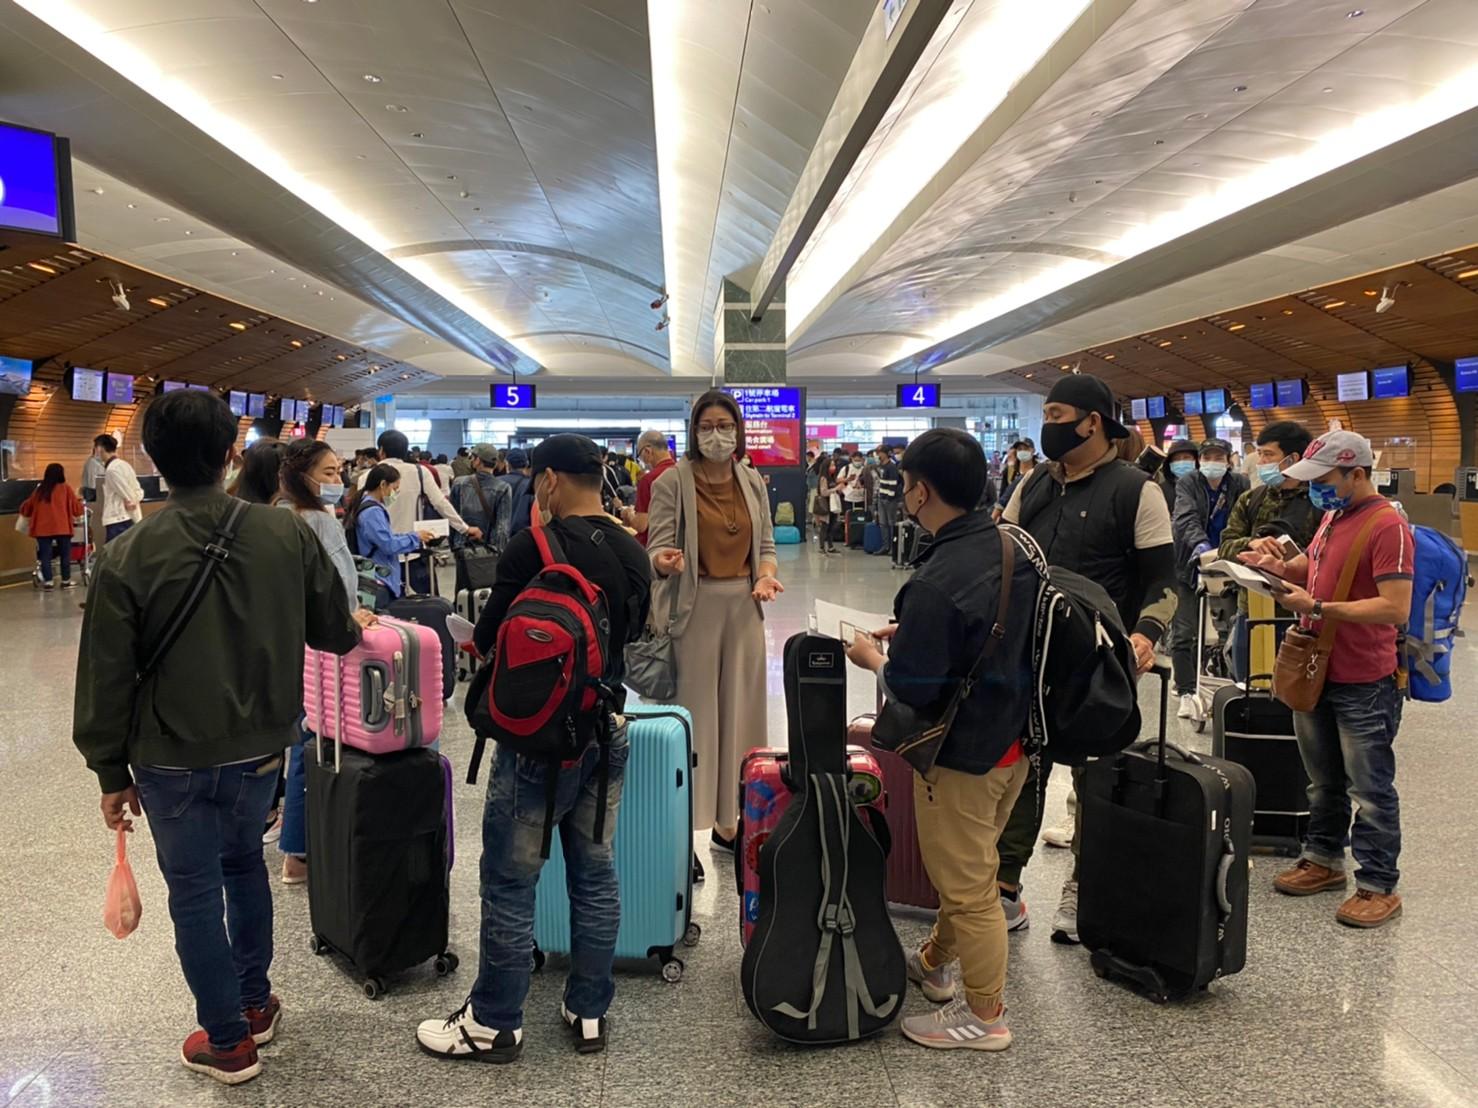 สนร. ไทเป ร่วมส่งแรงงานไทยเดินทางกลับประเทศ (23 เม.ย. 64)